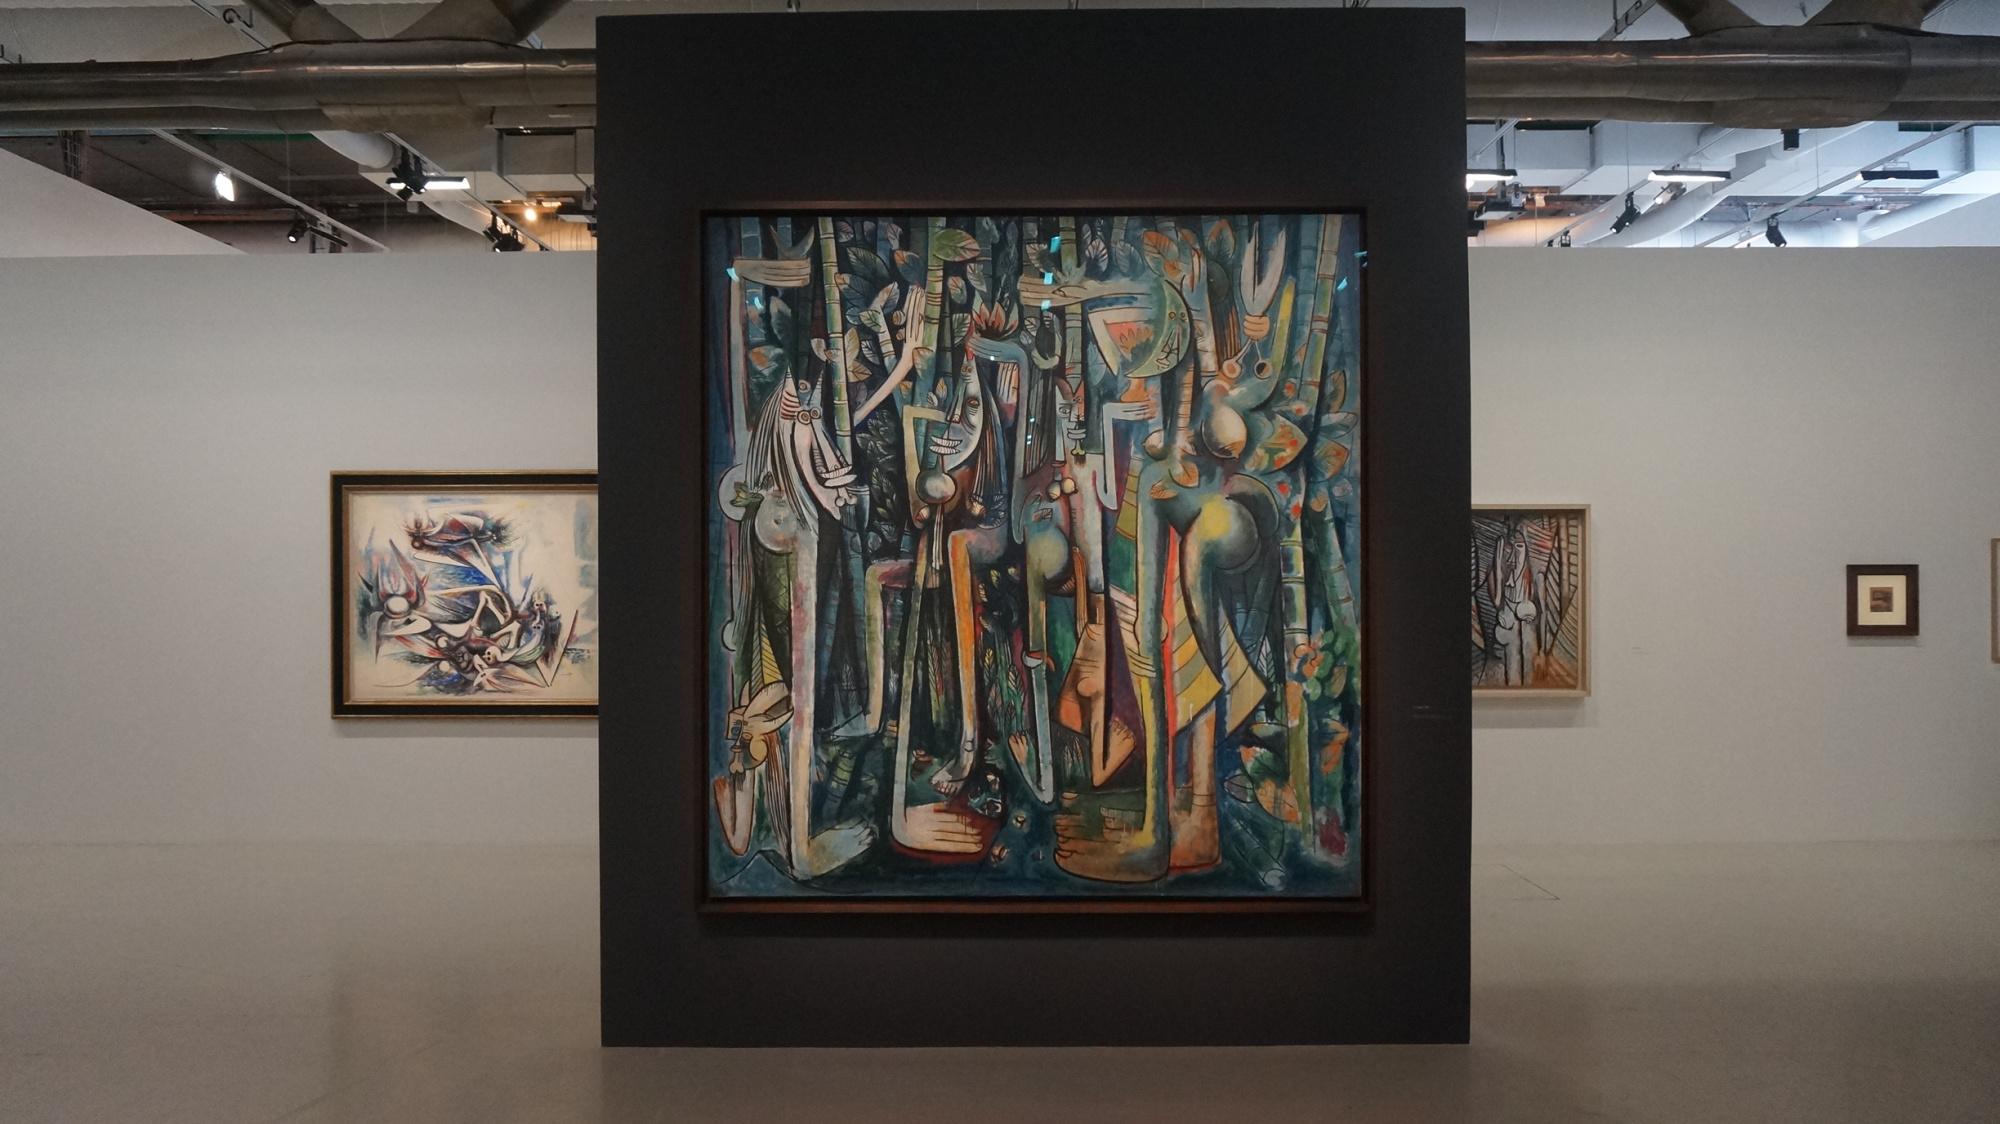 Exhibition Centre Pompidou, Paris